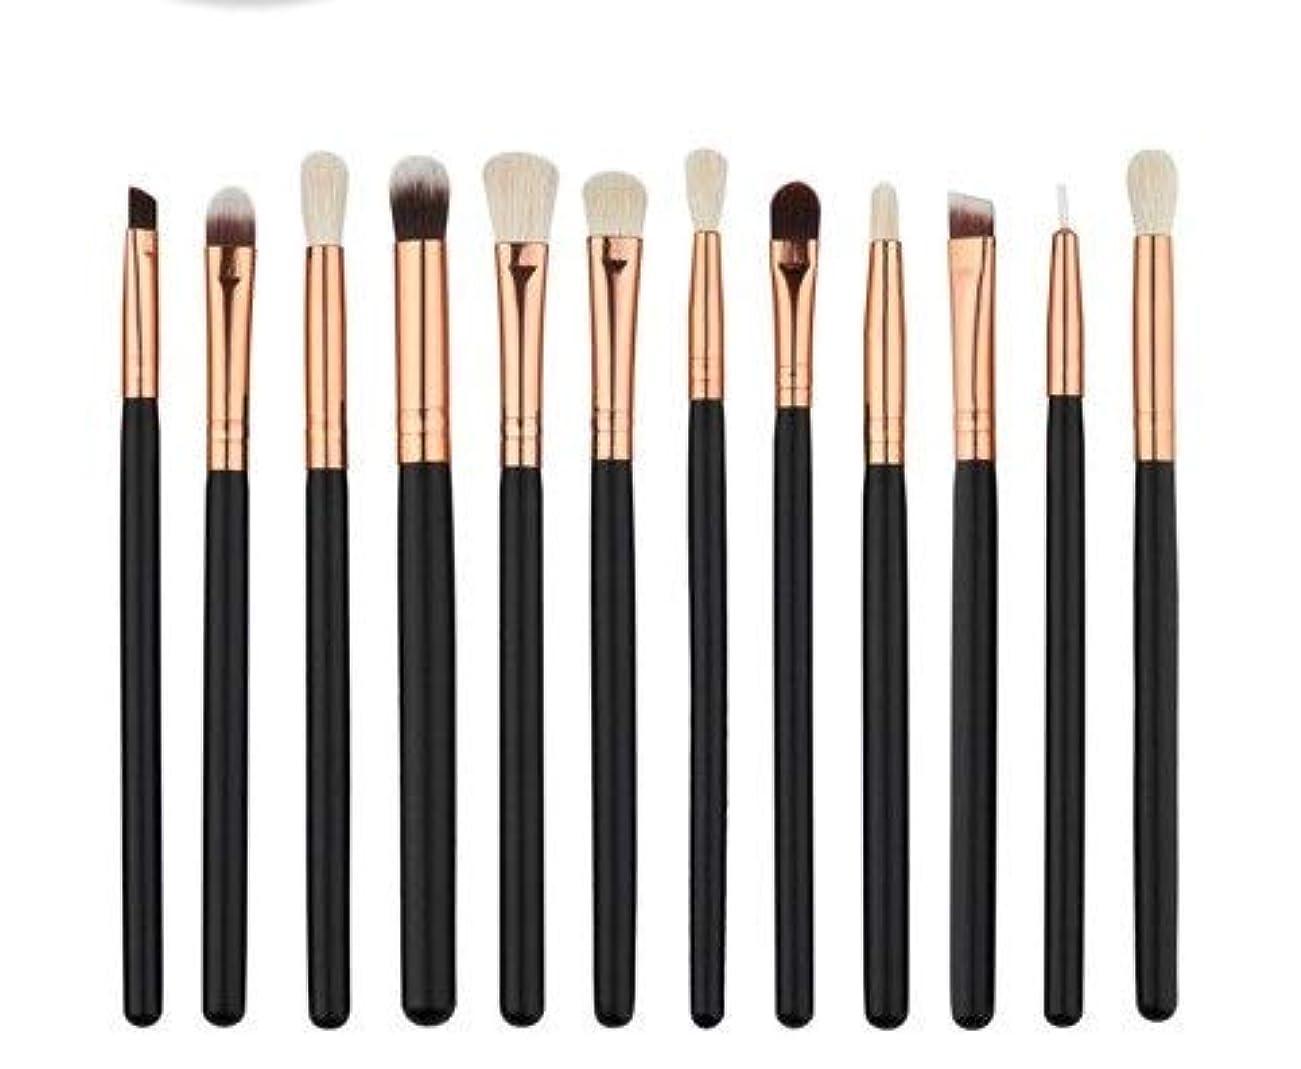 ラベチャットリングバックアイシャドウブラシセット12ピース化粧アイブラシアイシャドウブレンドブラシ眉毛アイライナーリップブラシ美容ブラシ、ギフトに最適 (Color : Black)